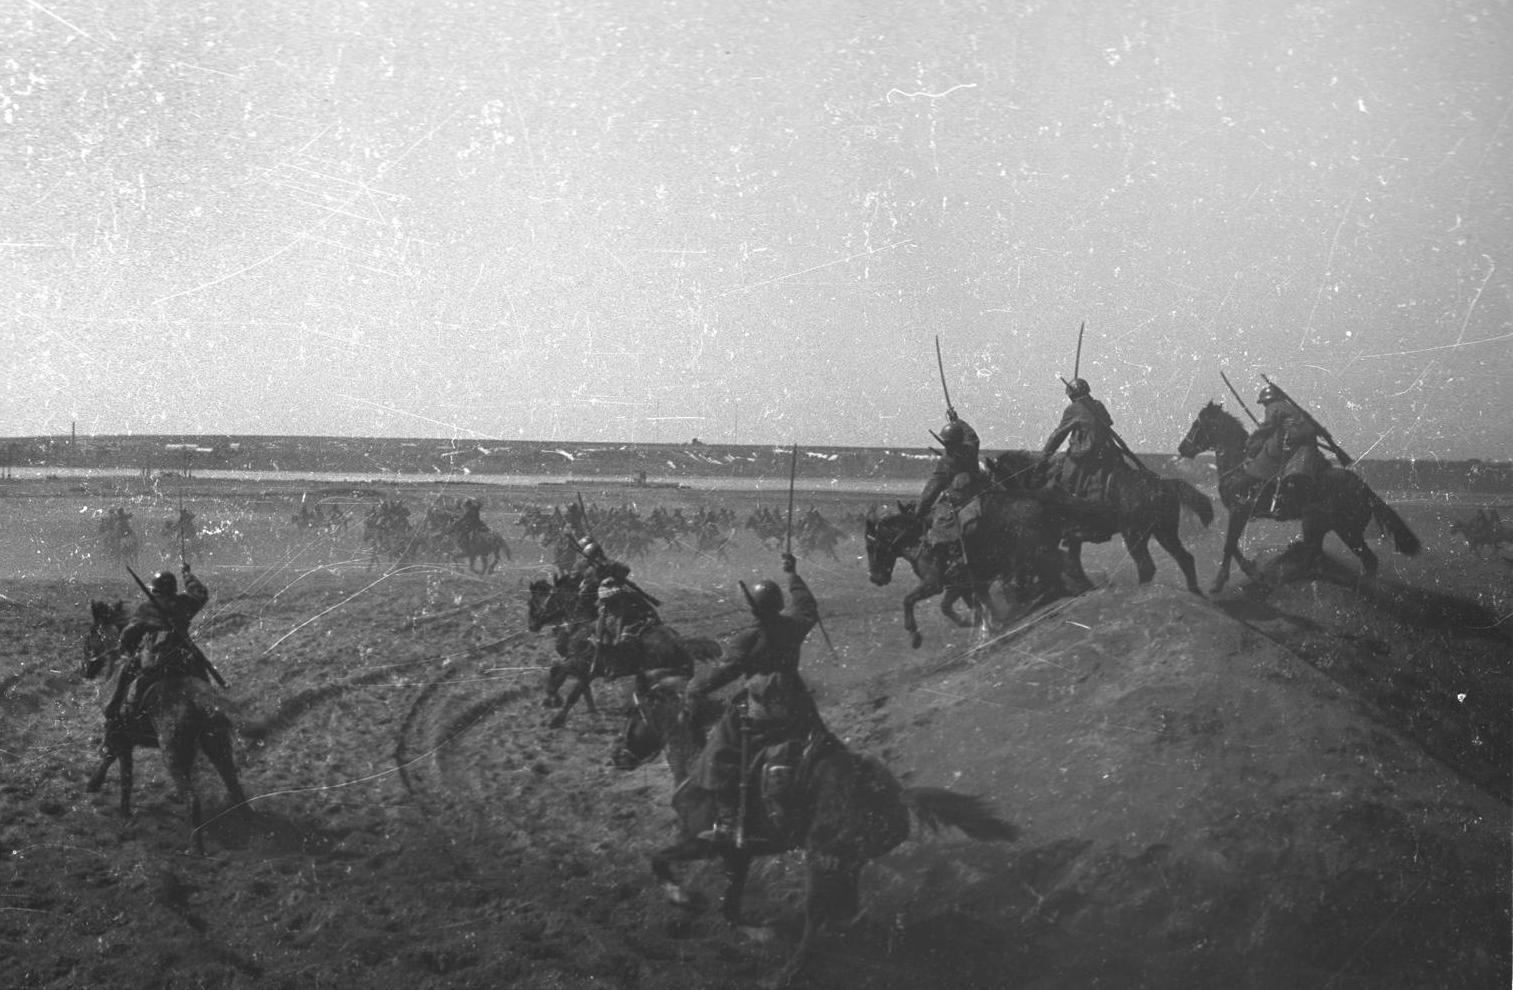 Атака советской конницы. Юго-Западный фронт, 1942 год ©Фото с сайта waralbum.ru